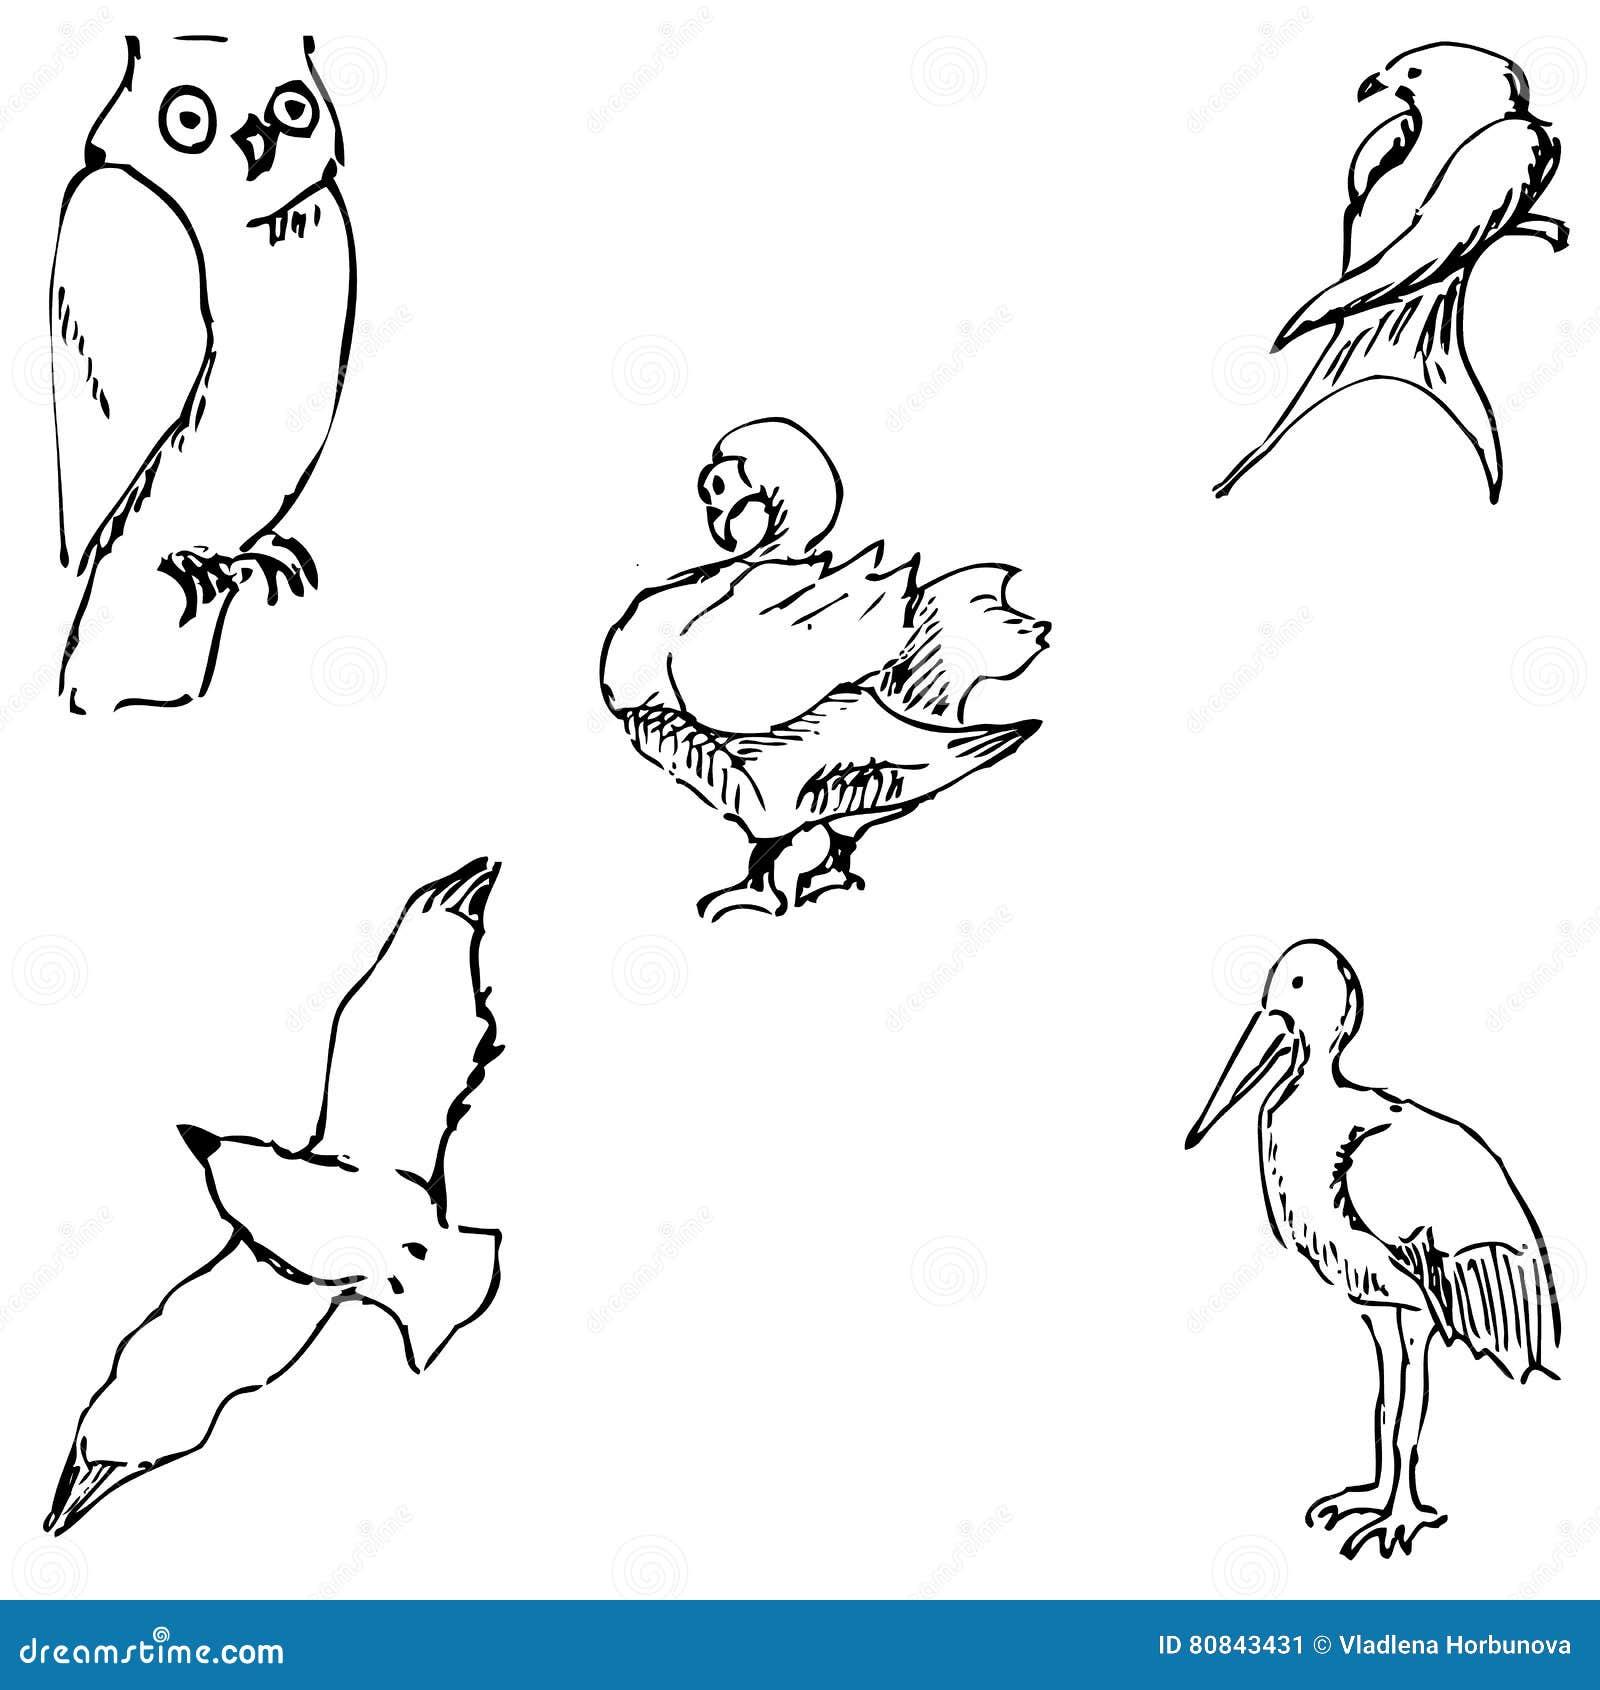 Birds pencil sketch by hand